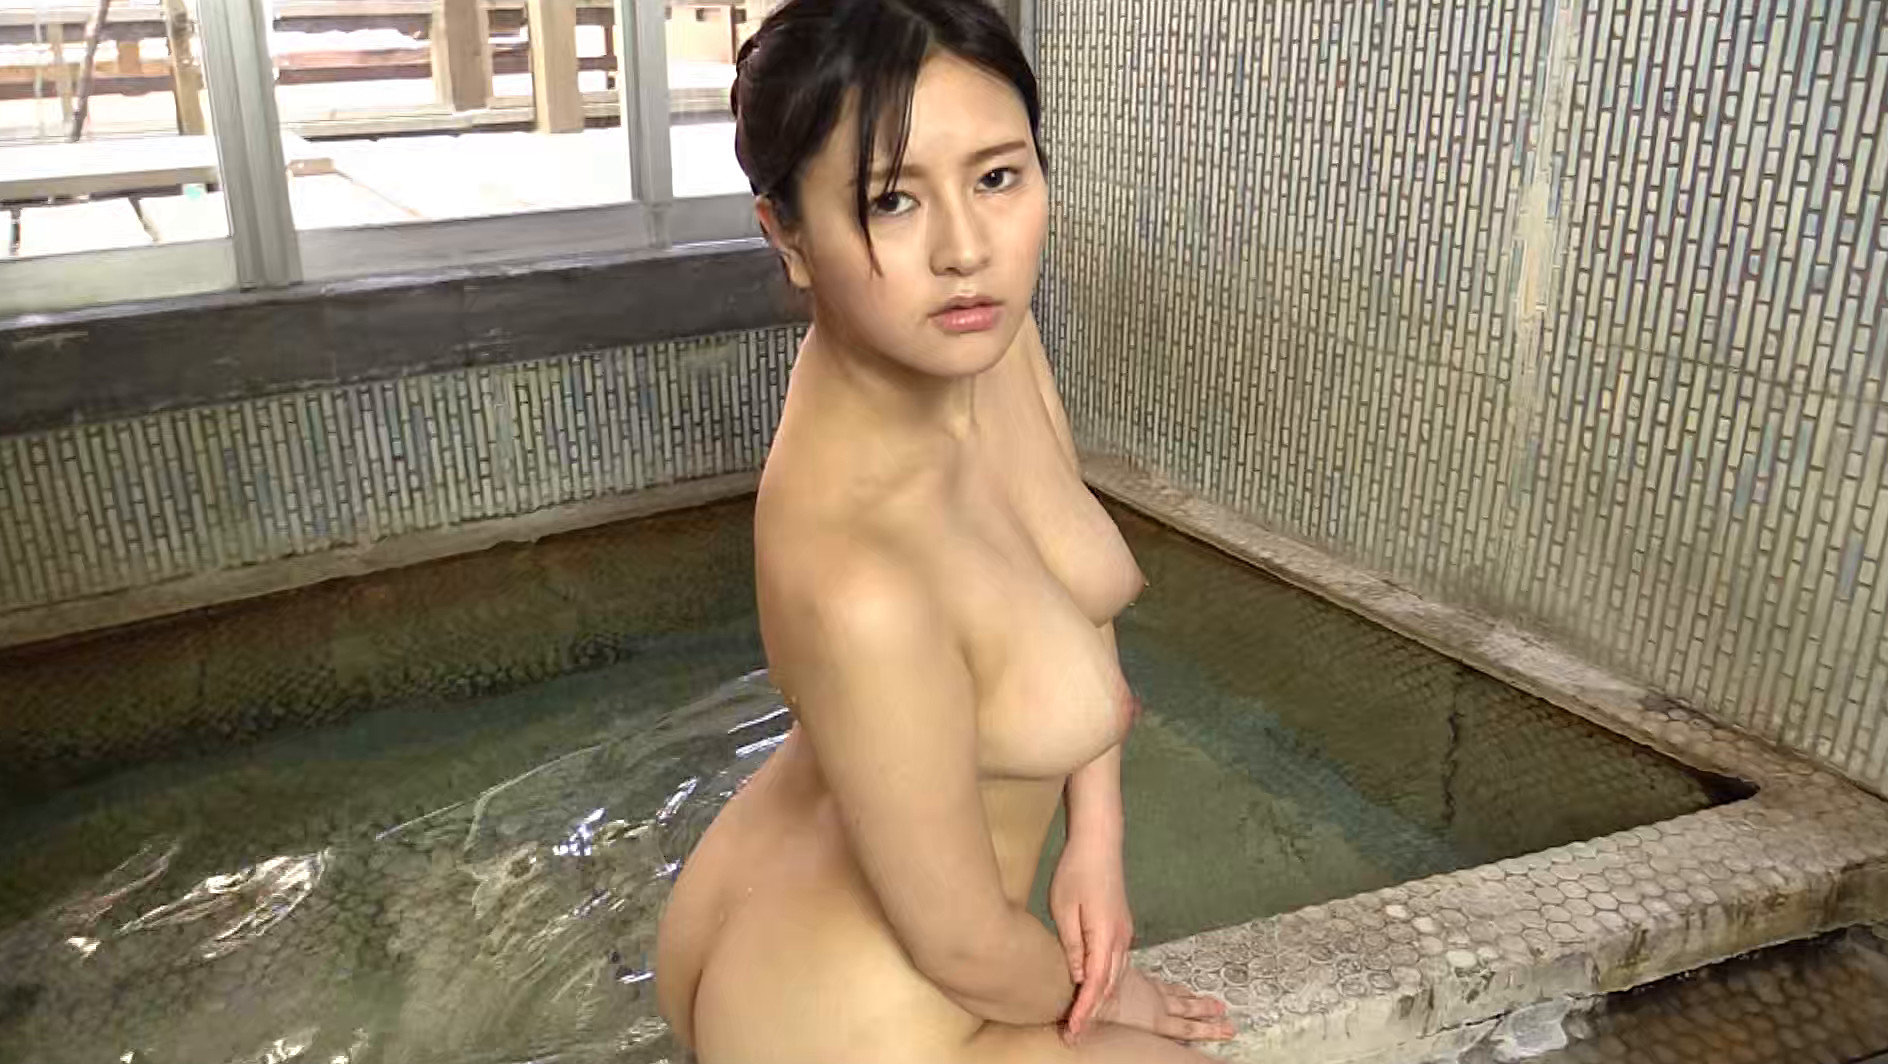 レディーダイアモンド 神木サラ 画像10